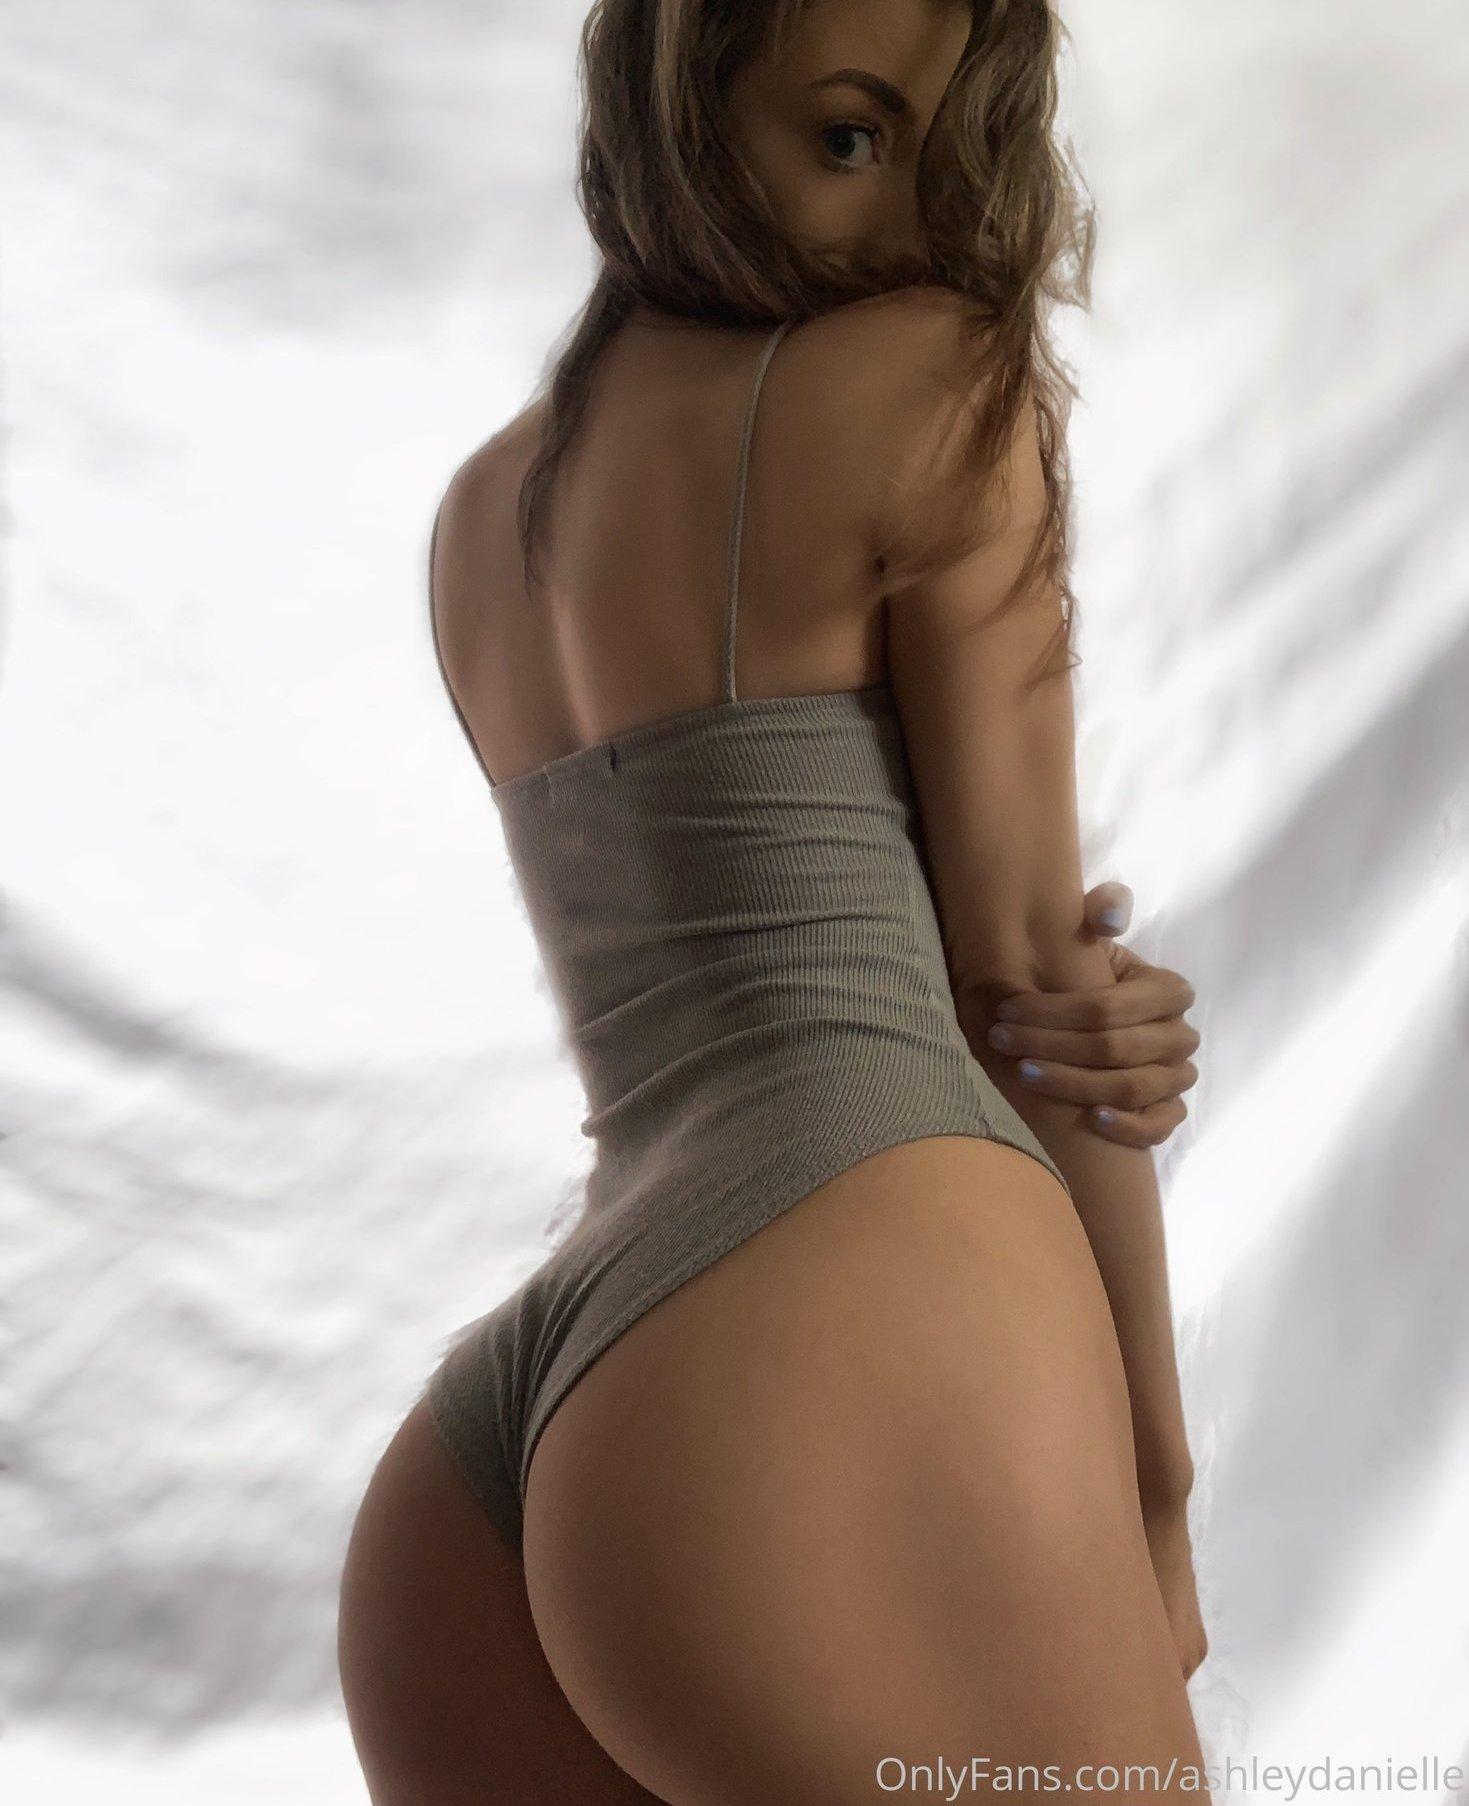 Ashley Danielle Ashleydaniellexox Onlyfans Nude Leaks 0007